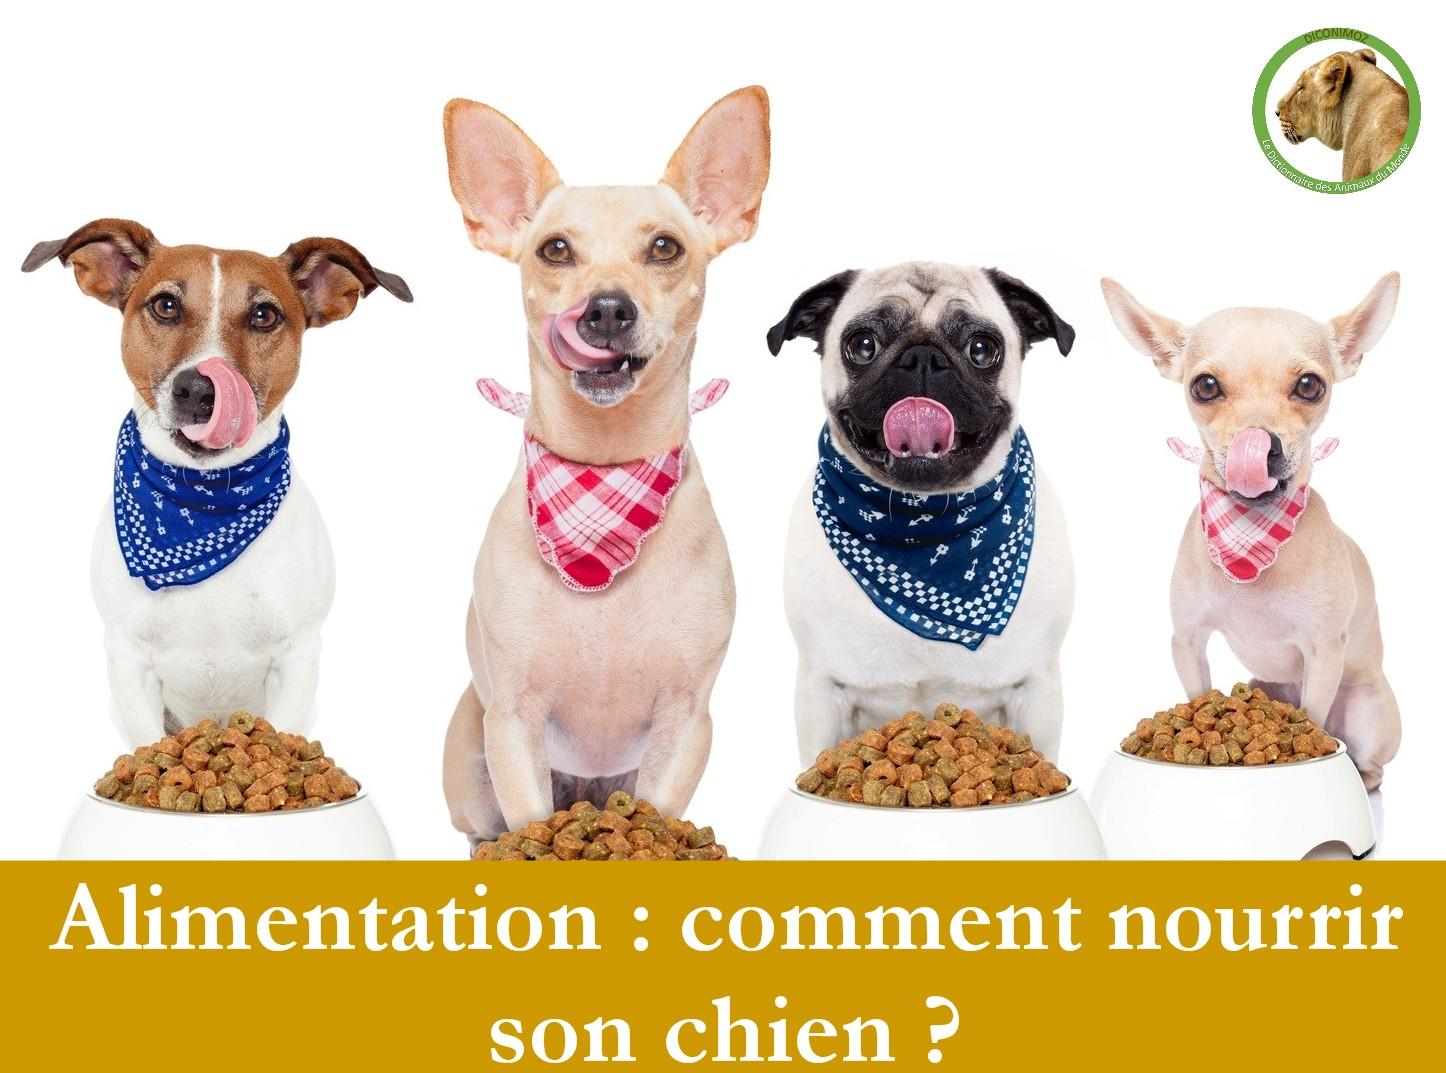 Alimentation : comment nourrir son chien ?